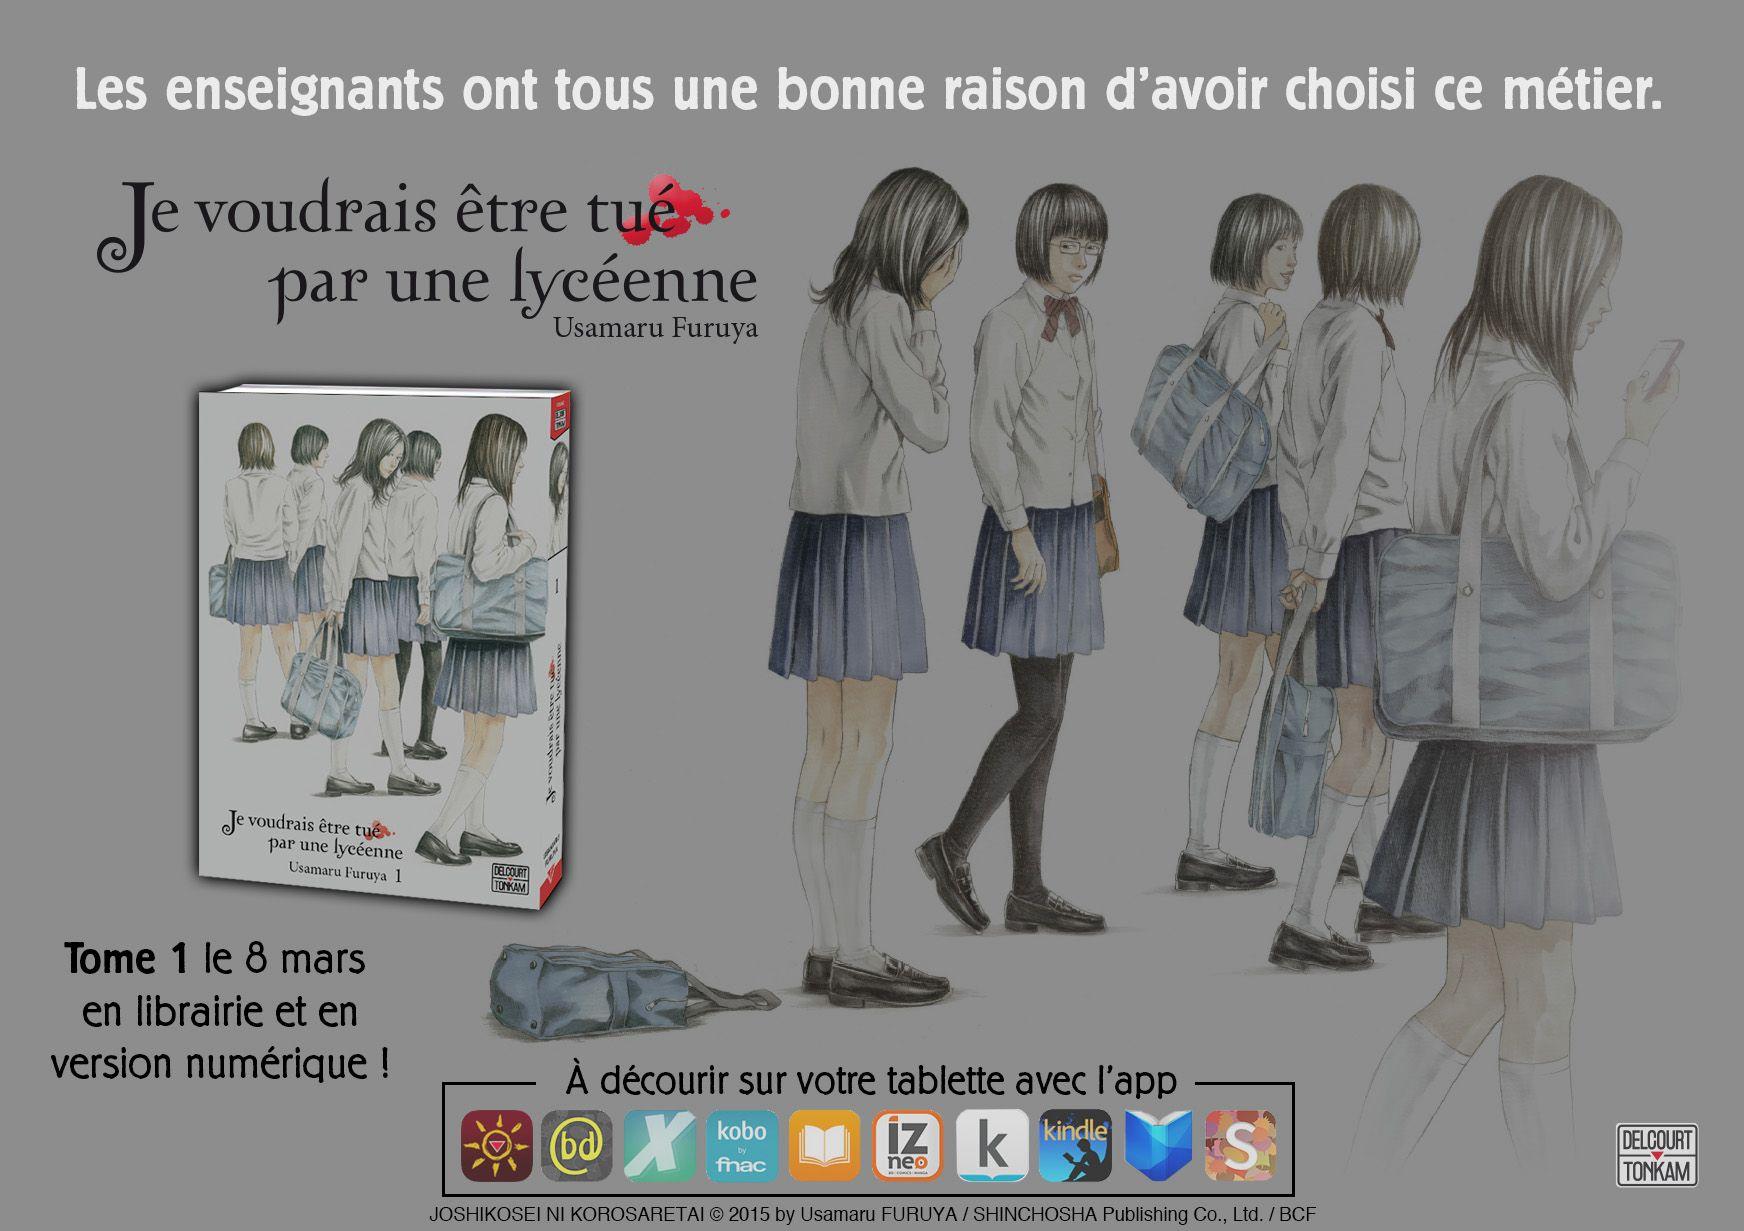 Annonce_Je_voudrais_numerique.jpg